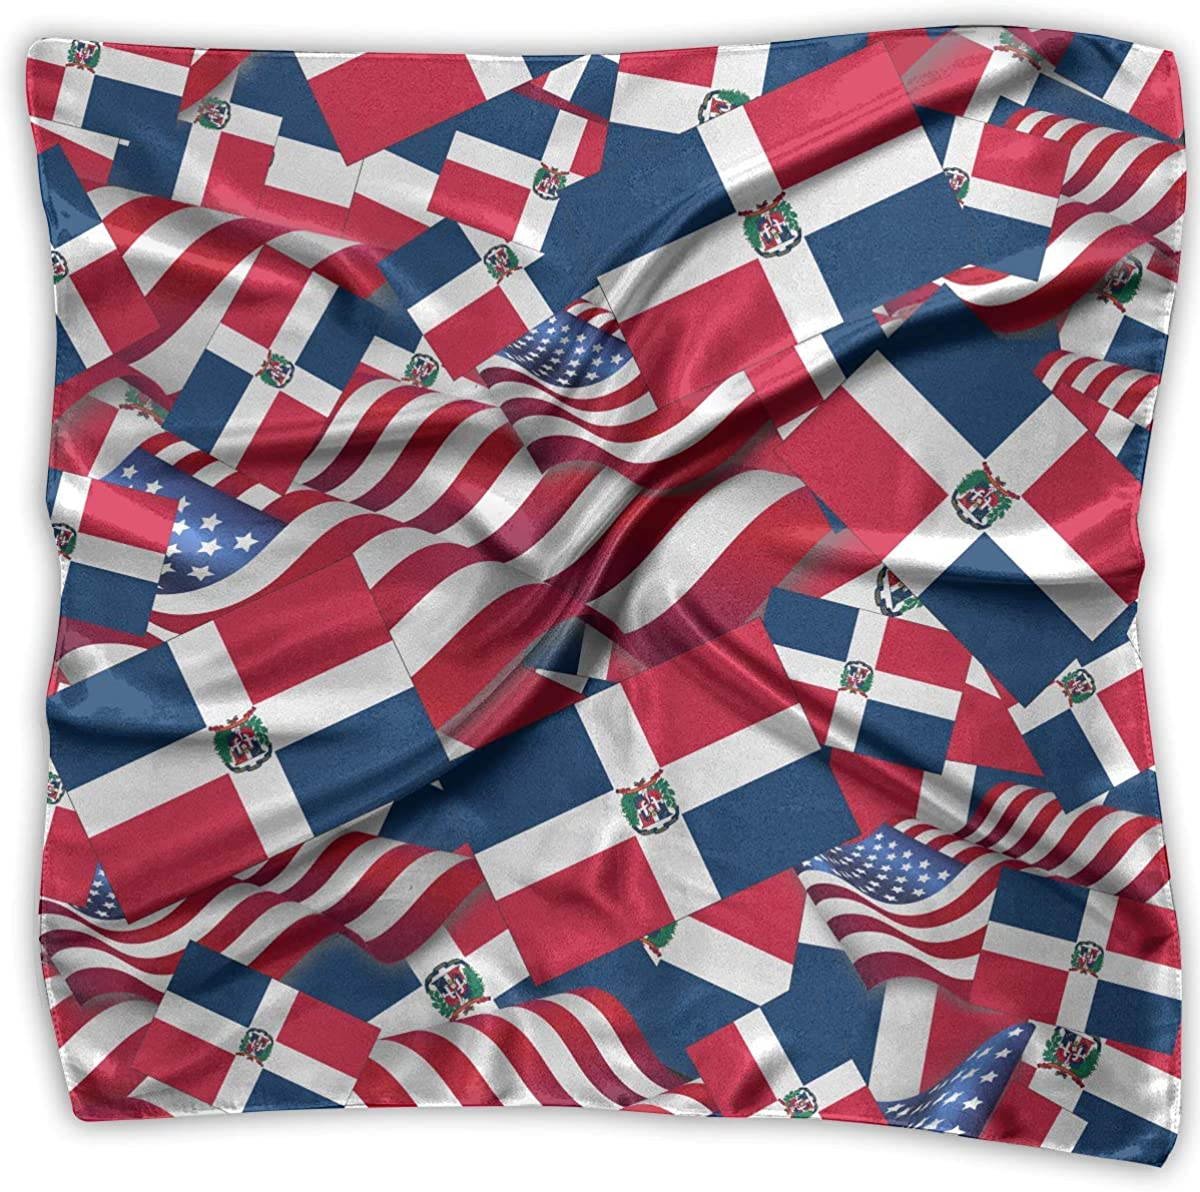 Voxpkrs Pañuelos Bufanda bandera de la República Dominicana con la bandera de América de la novedad del mantón Bandanas regalos multifuncionales del partido: Amazon.es: Ropa y accesorios